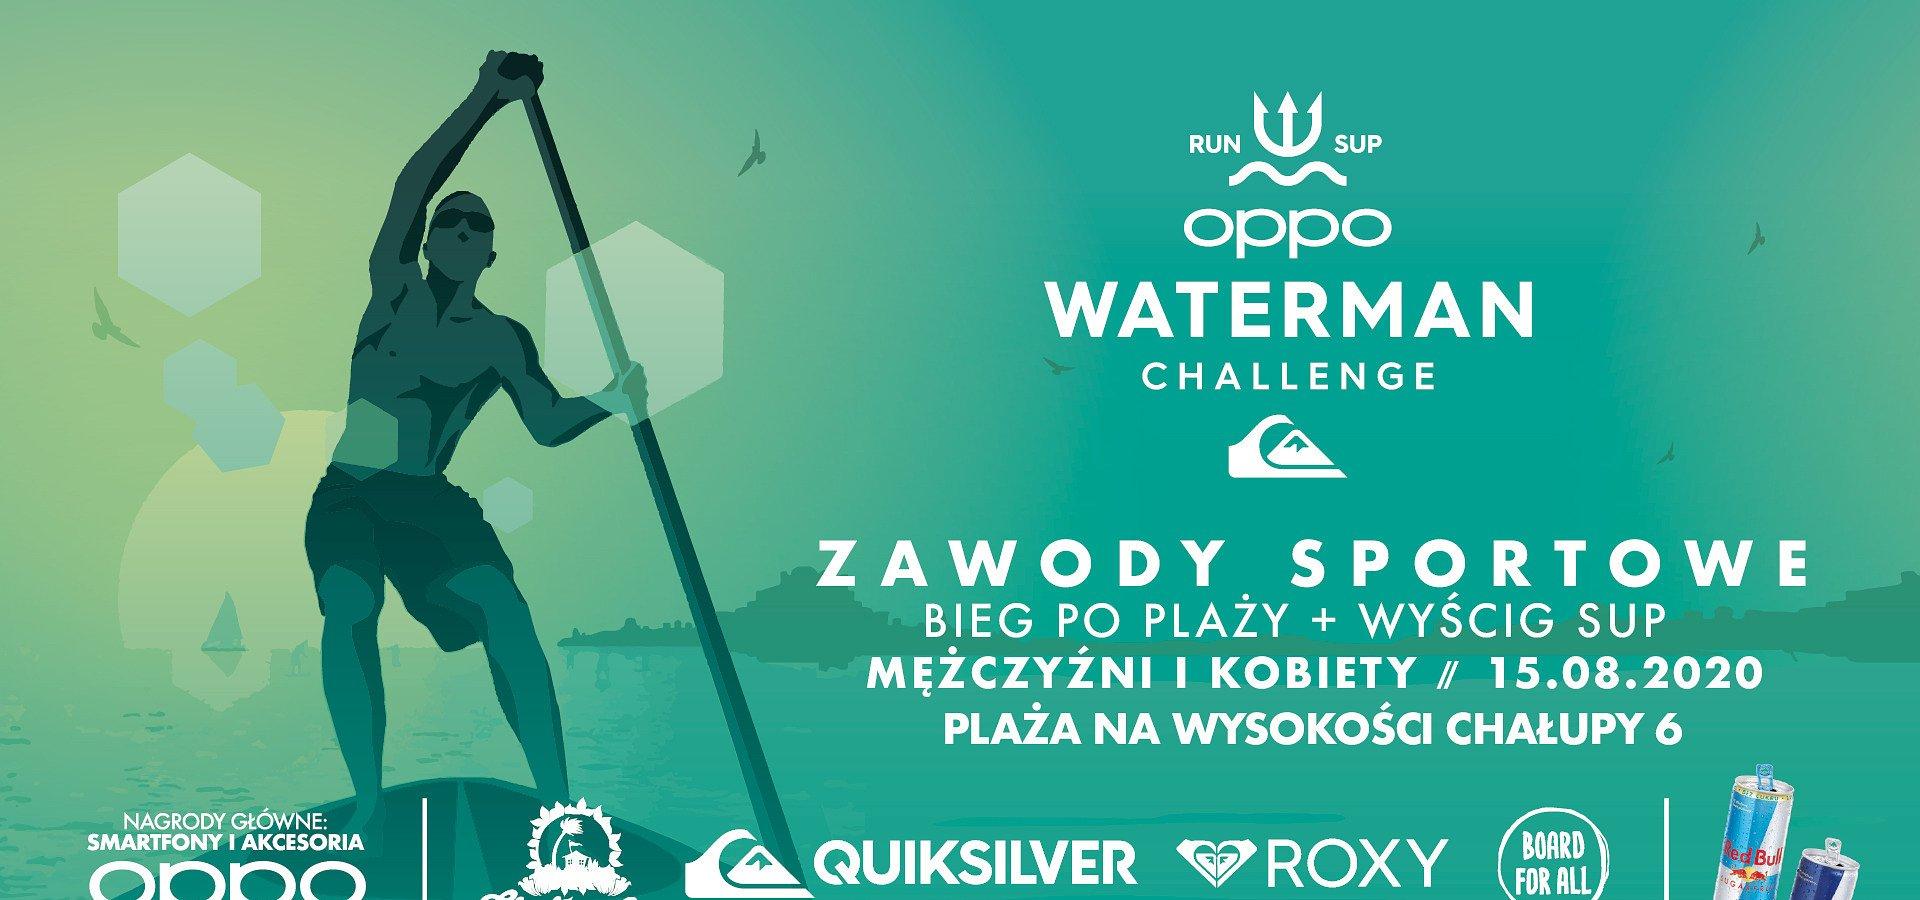 Piasek pod stopami, woda wokół i… smartfon w ręku. Za chwilę OPPO Waterman Challenge